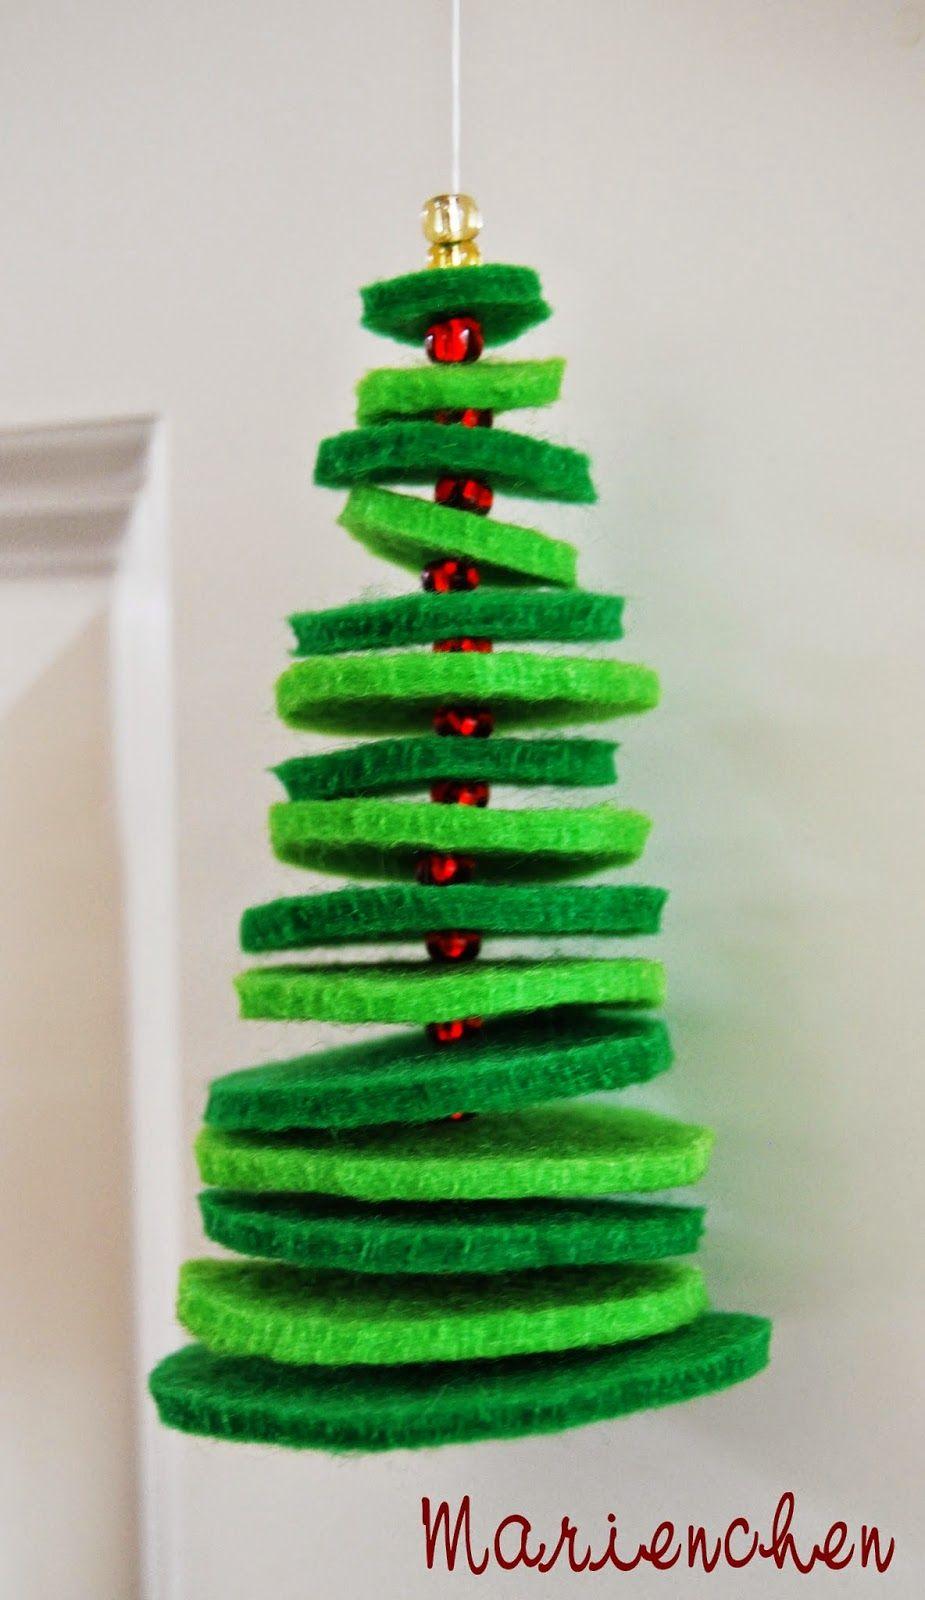 tannenbaum auff deln filz perlen weihnachtsb ume. Black Bedroom Furniture Sets. Home Design Ideas